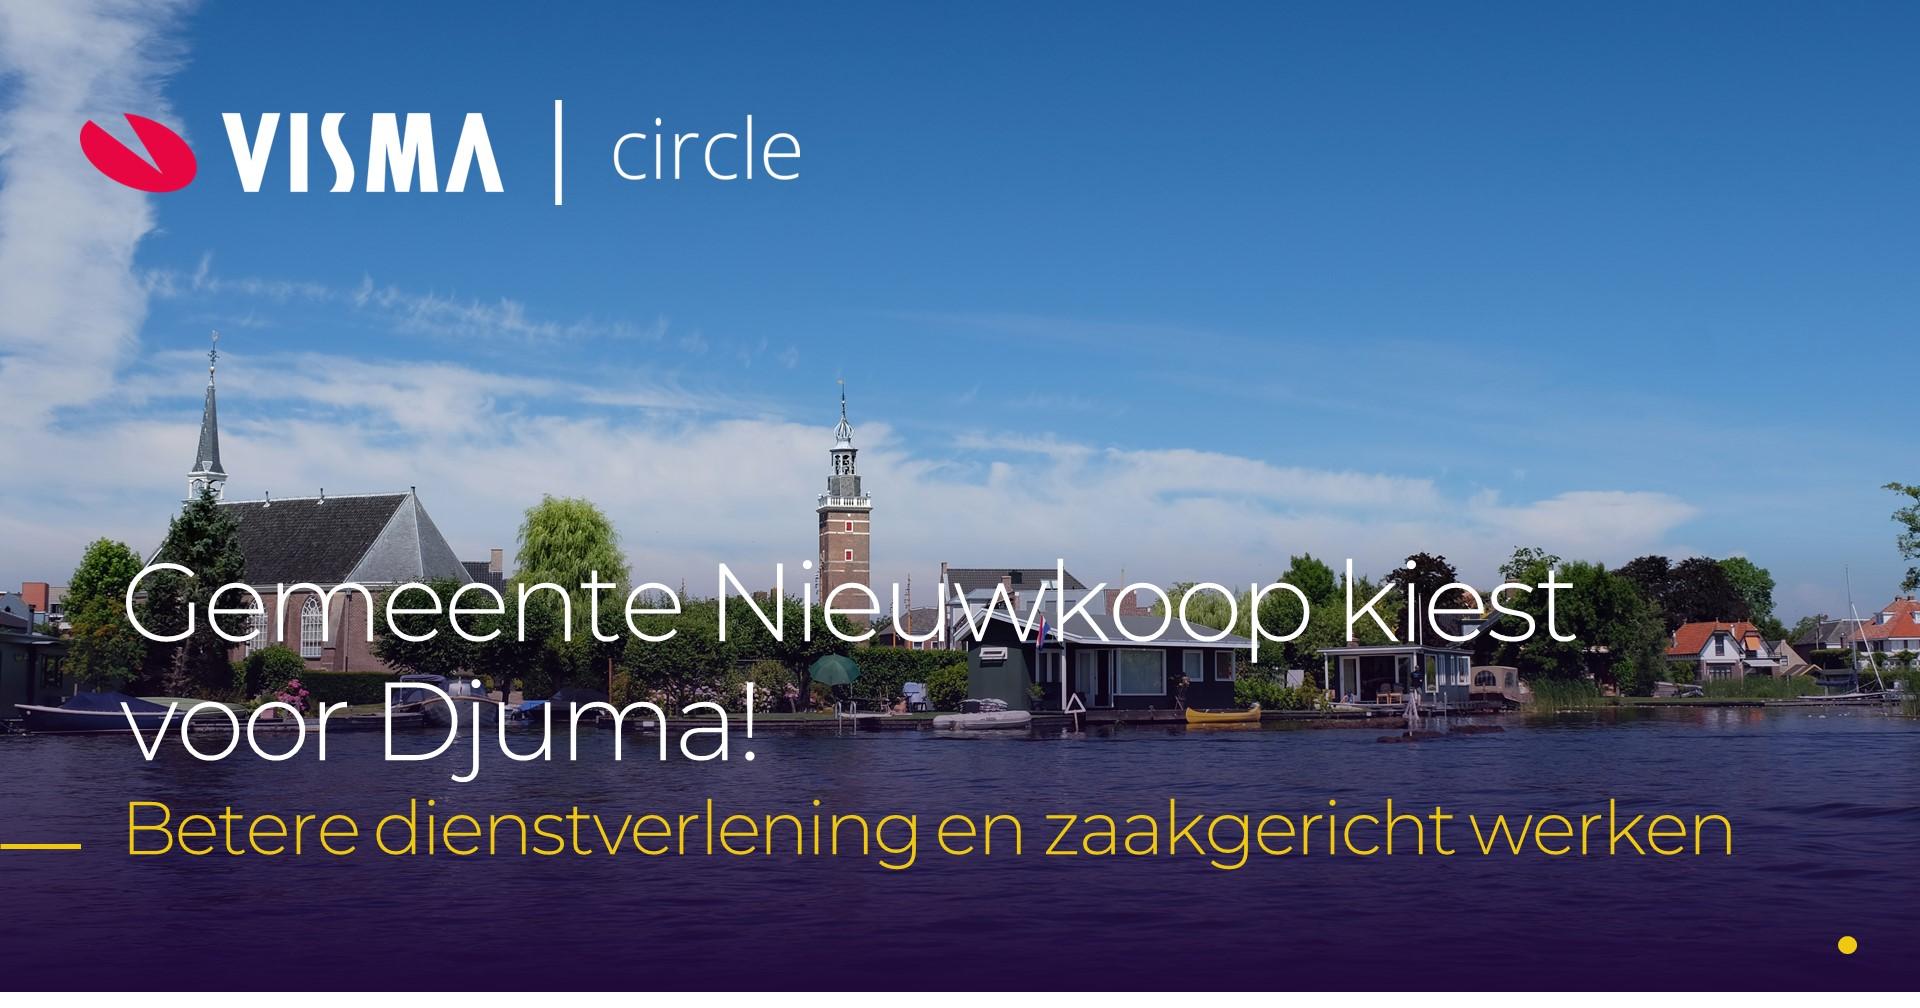 Gemeente Nieuwkoop kiest voor Djuma van Visma Circle